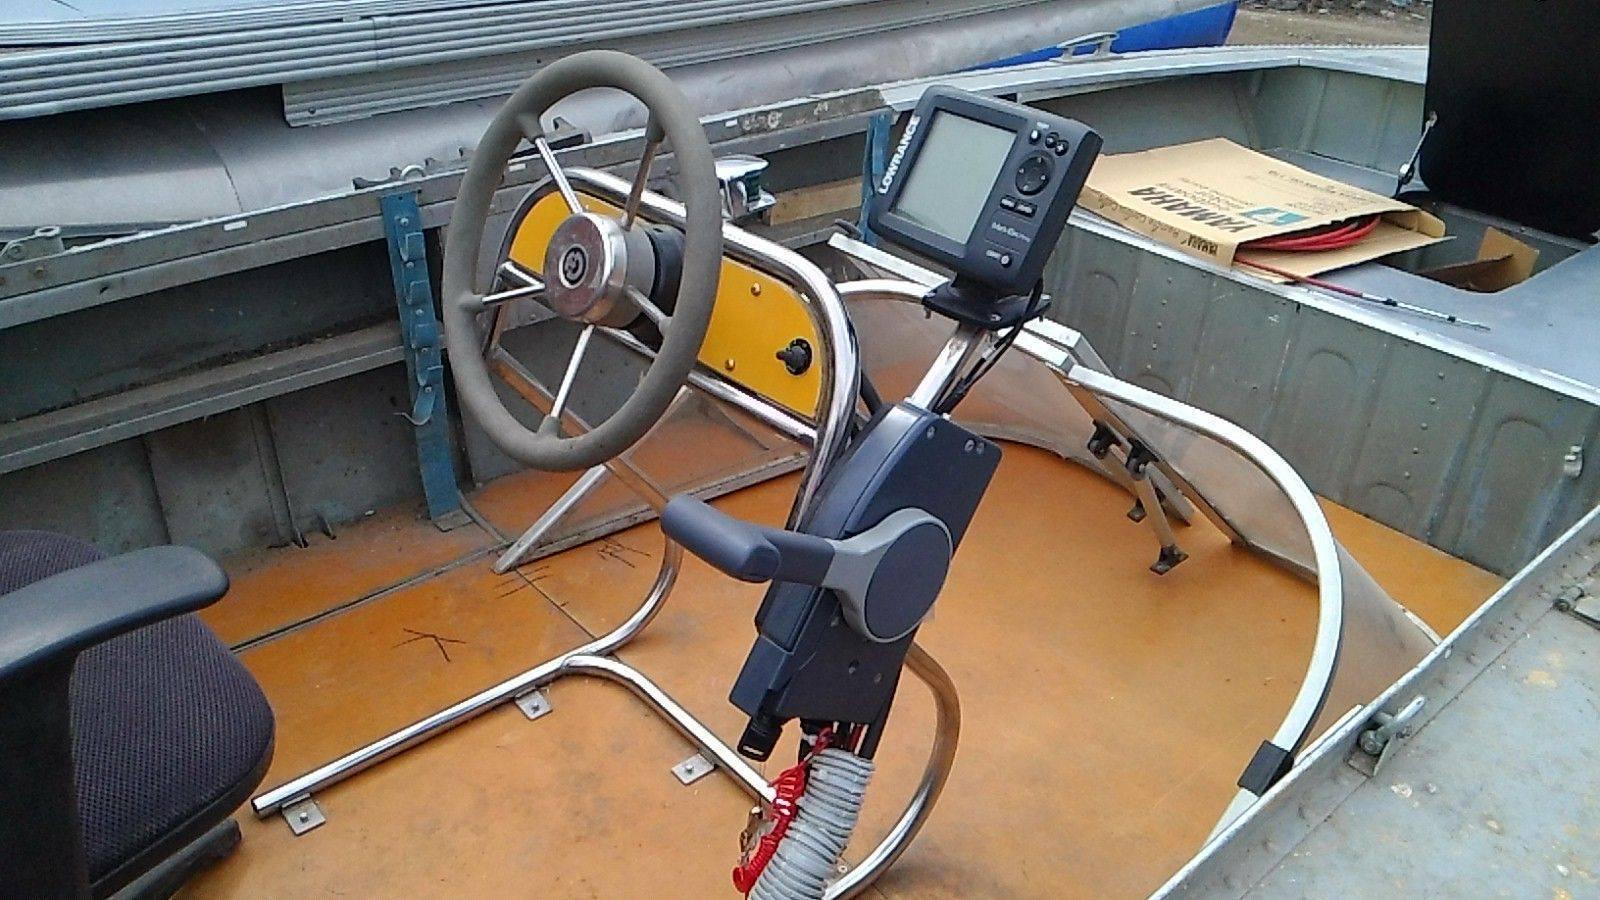 Рулевая консоль для надувных лодок – консоль управления для лодки пвх — освещаем все нюансы